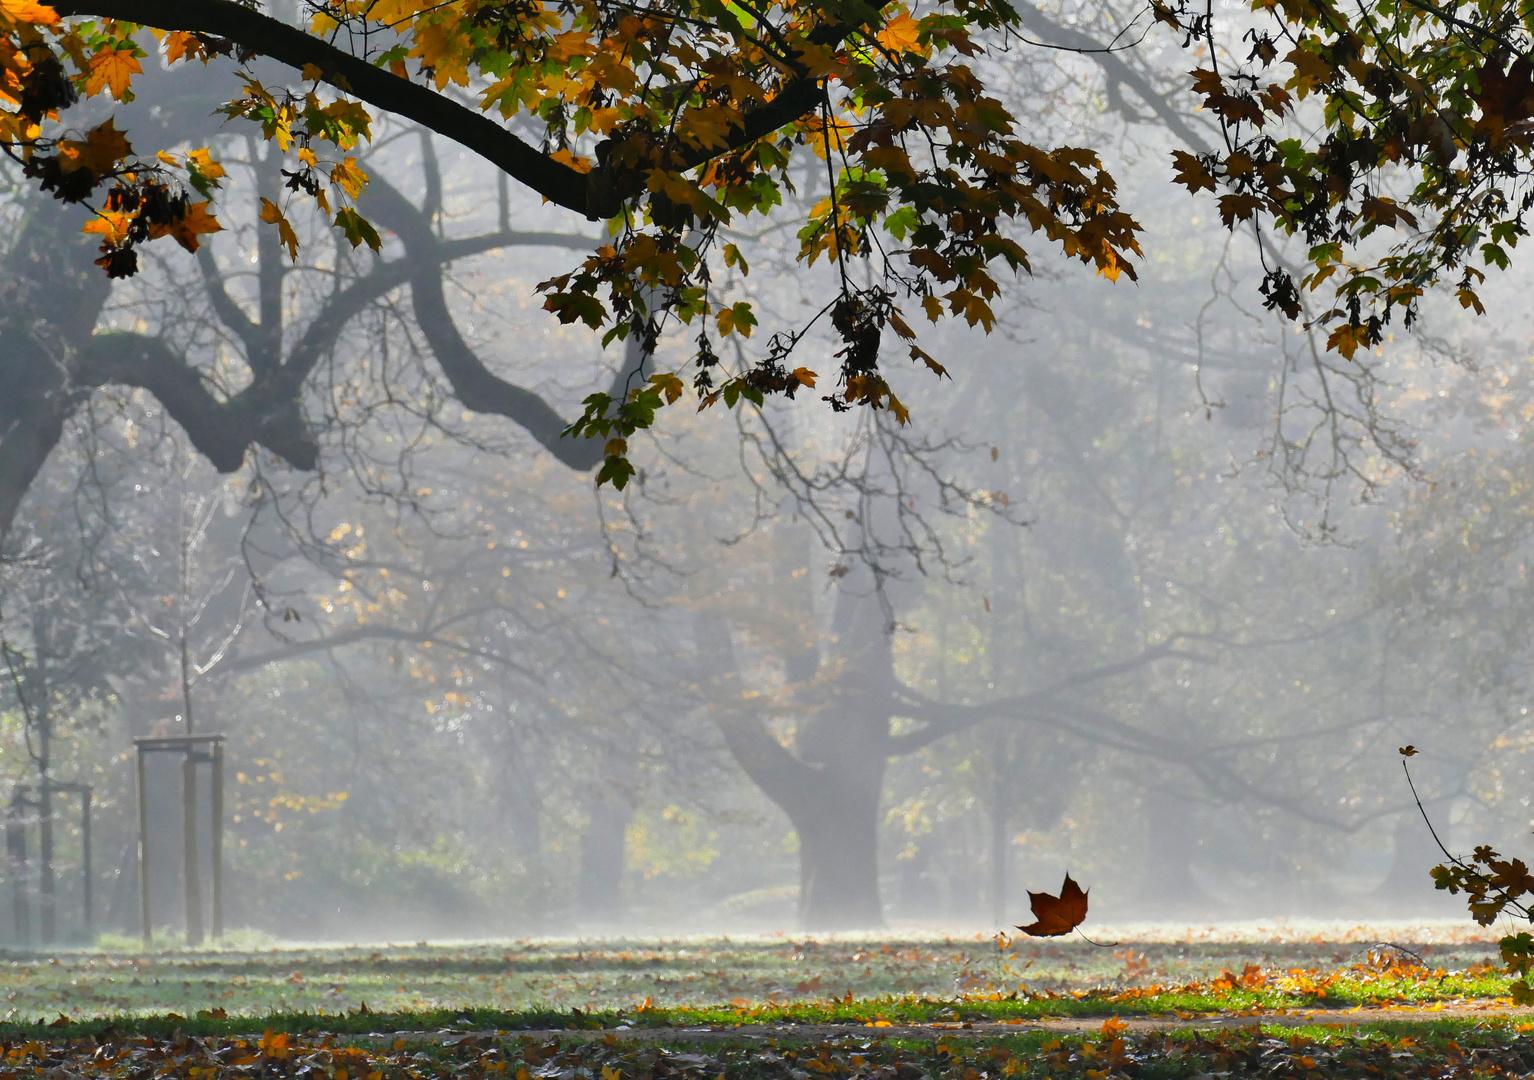 ... und leise fallen die Blätter